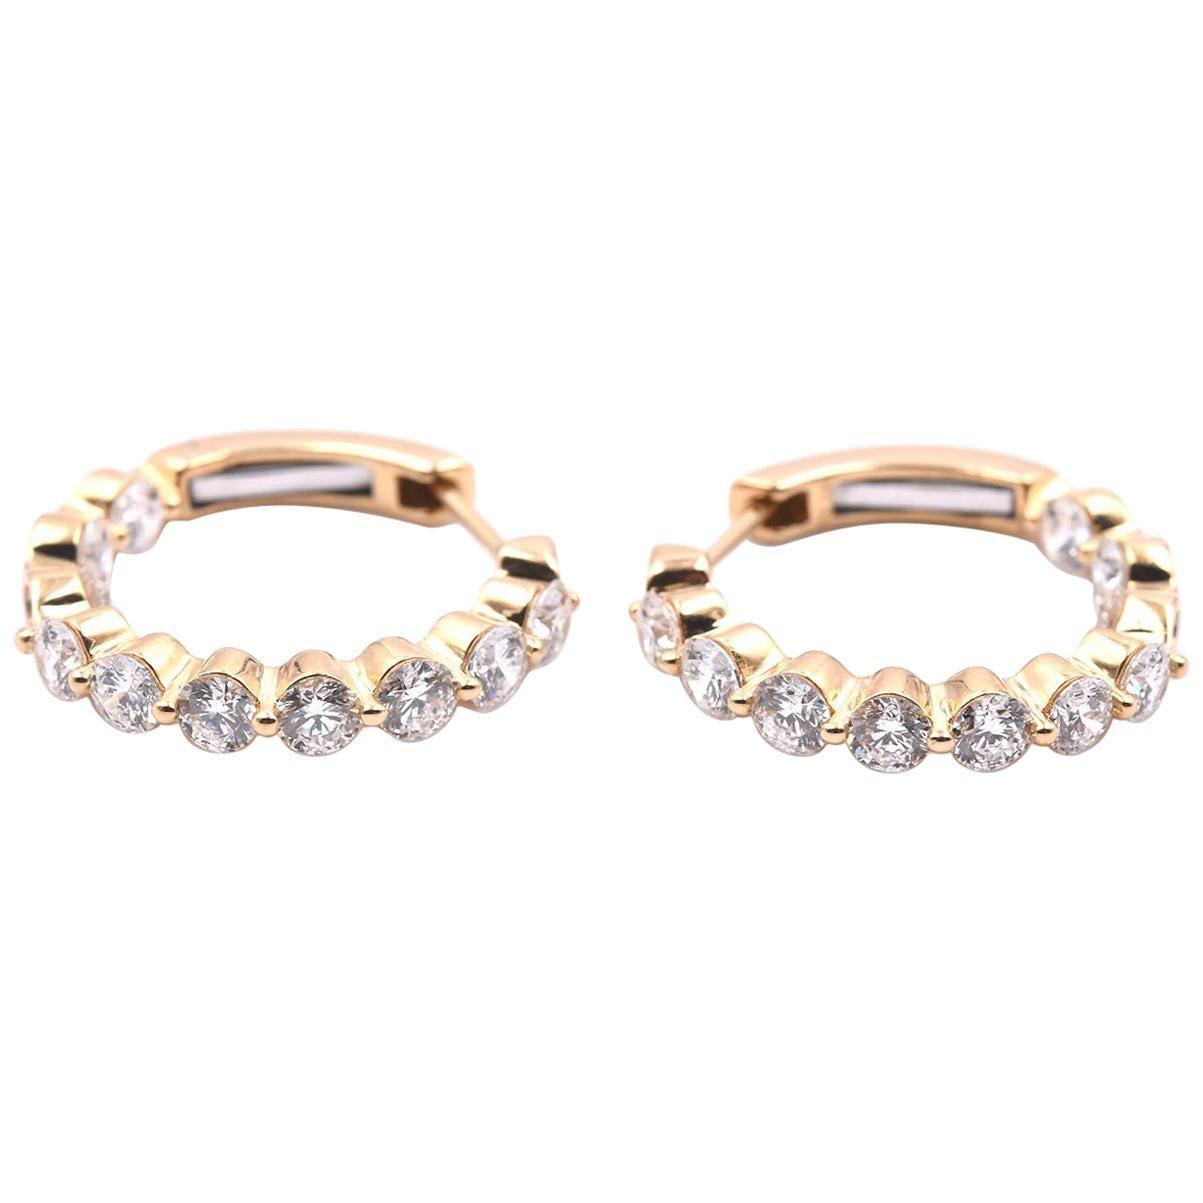 18 Karat Yellow Gold Diamond Inside-Out Hoop Earrings